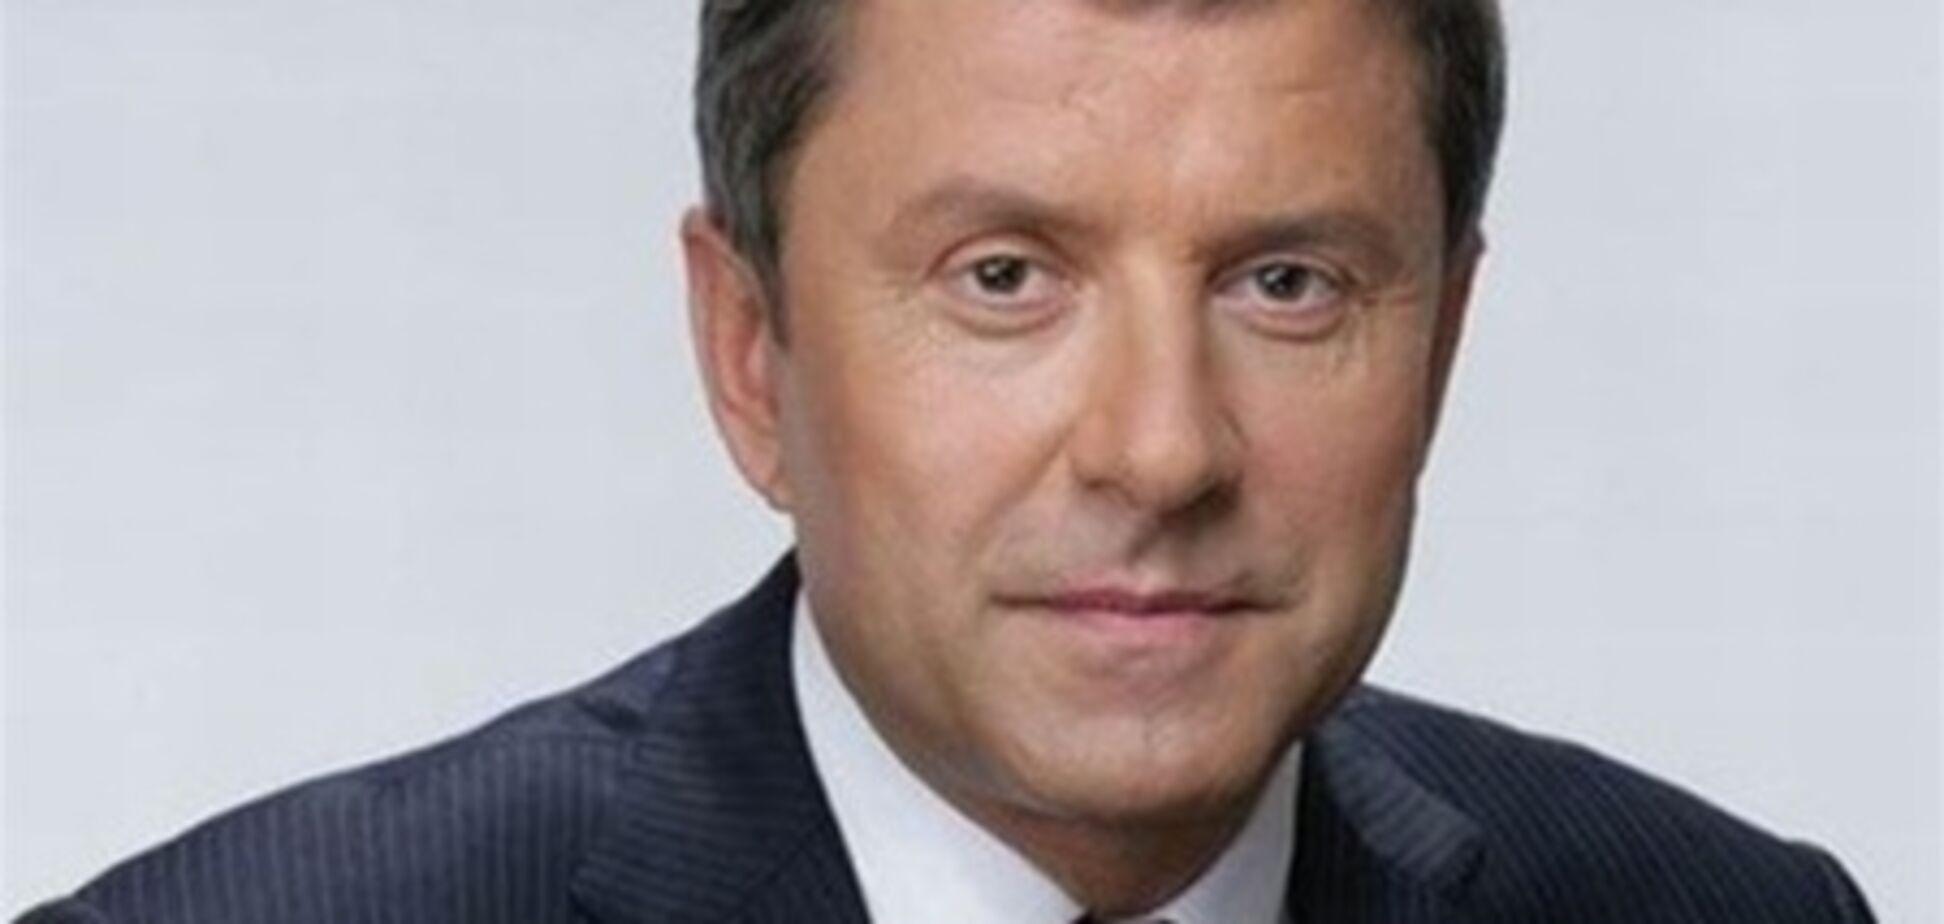 Пилипишин призвал Тягнибока прекратить противостояние на 223 округе